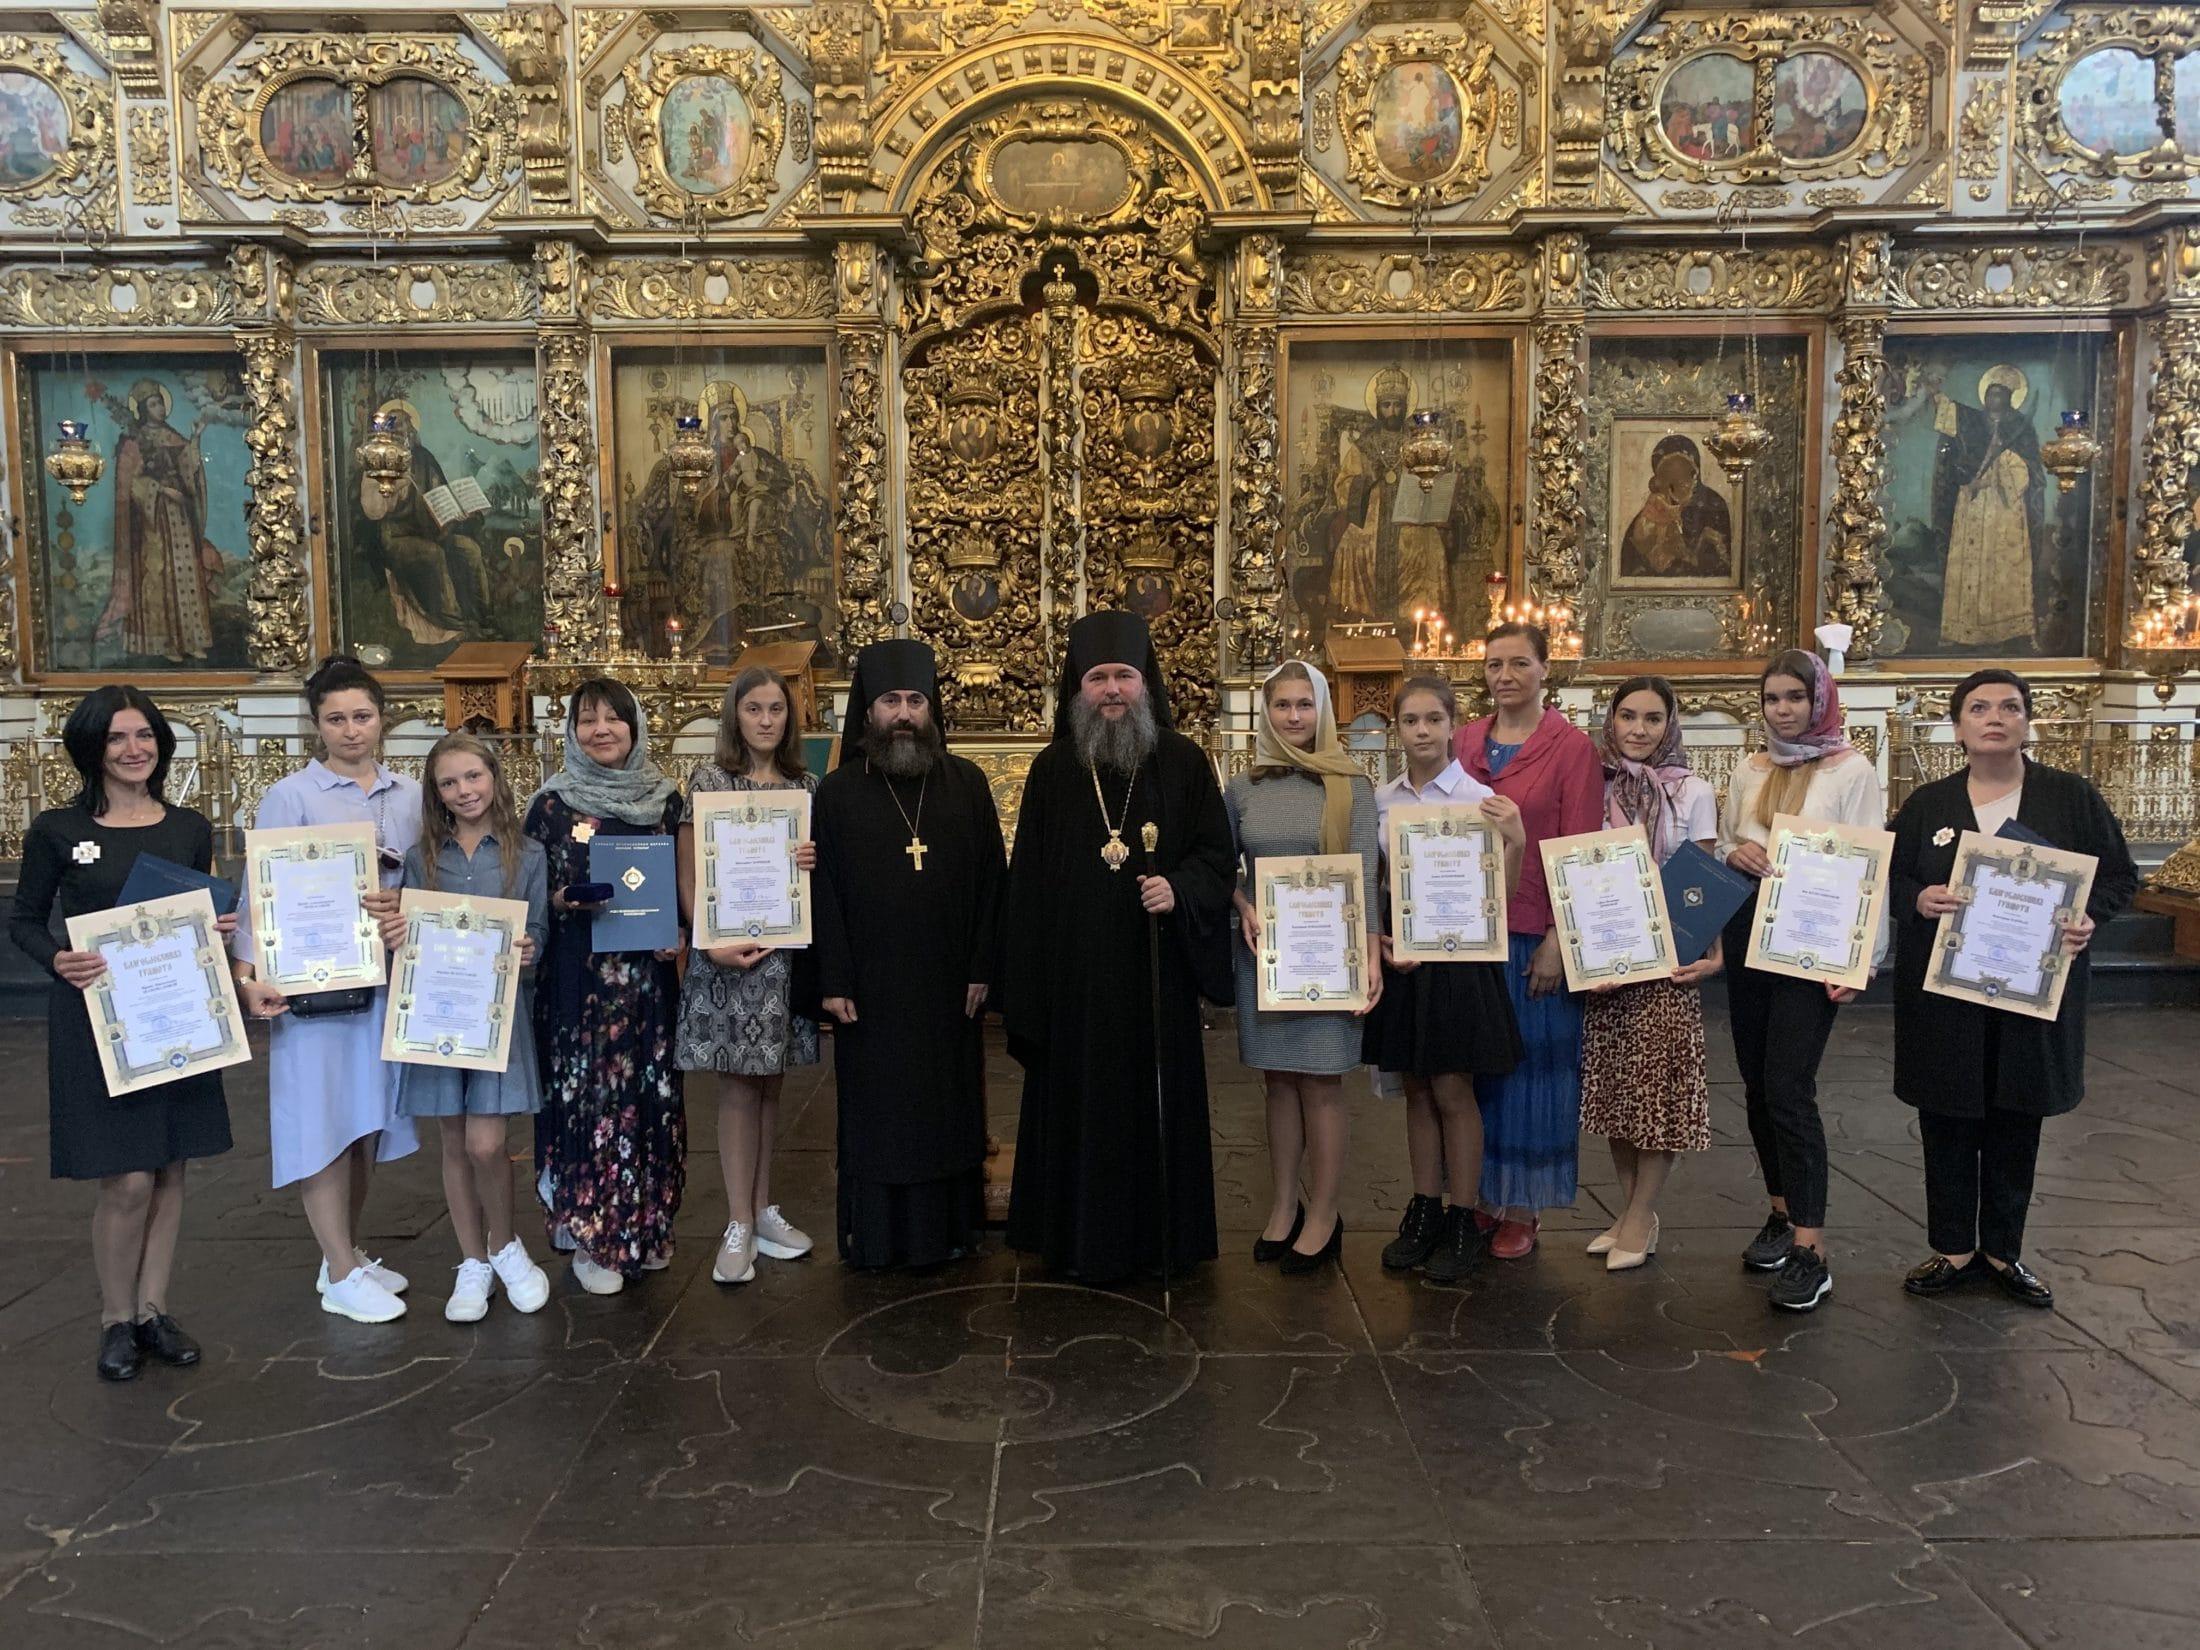 Епископ Бронницкий Евгений наградил победителей конкурса ...